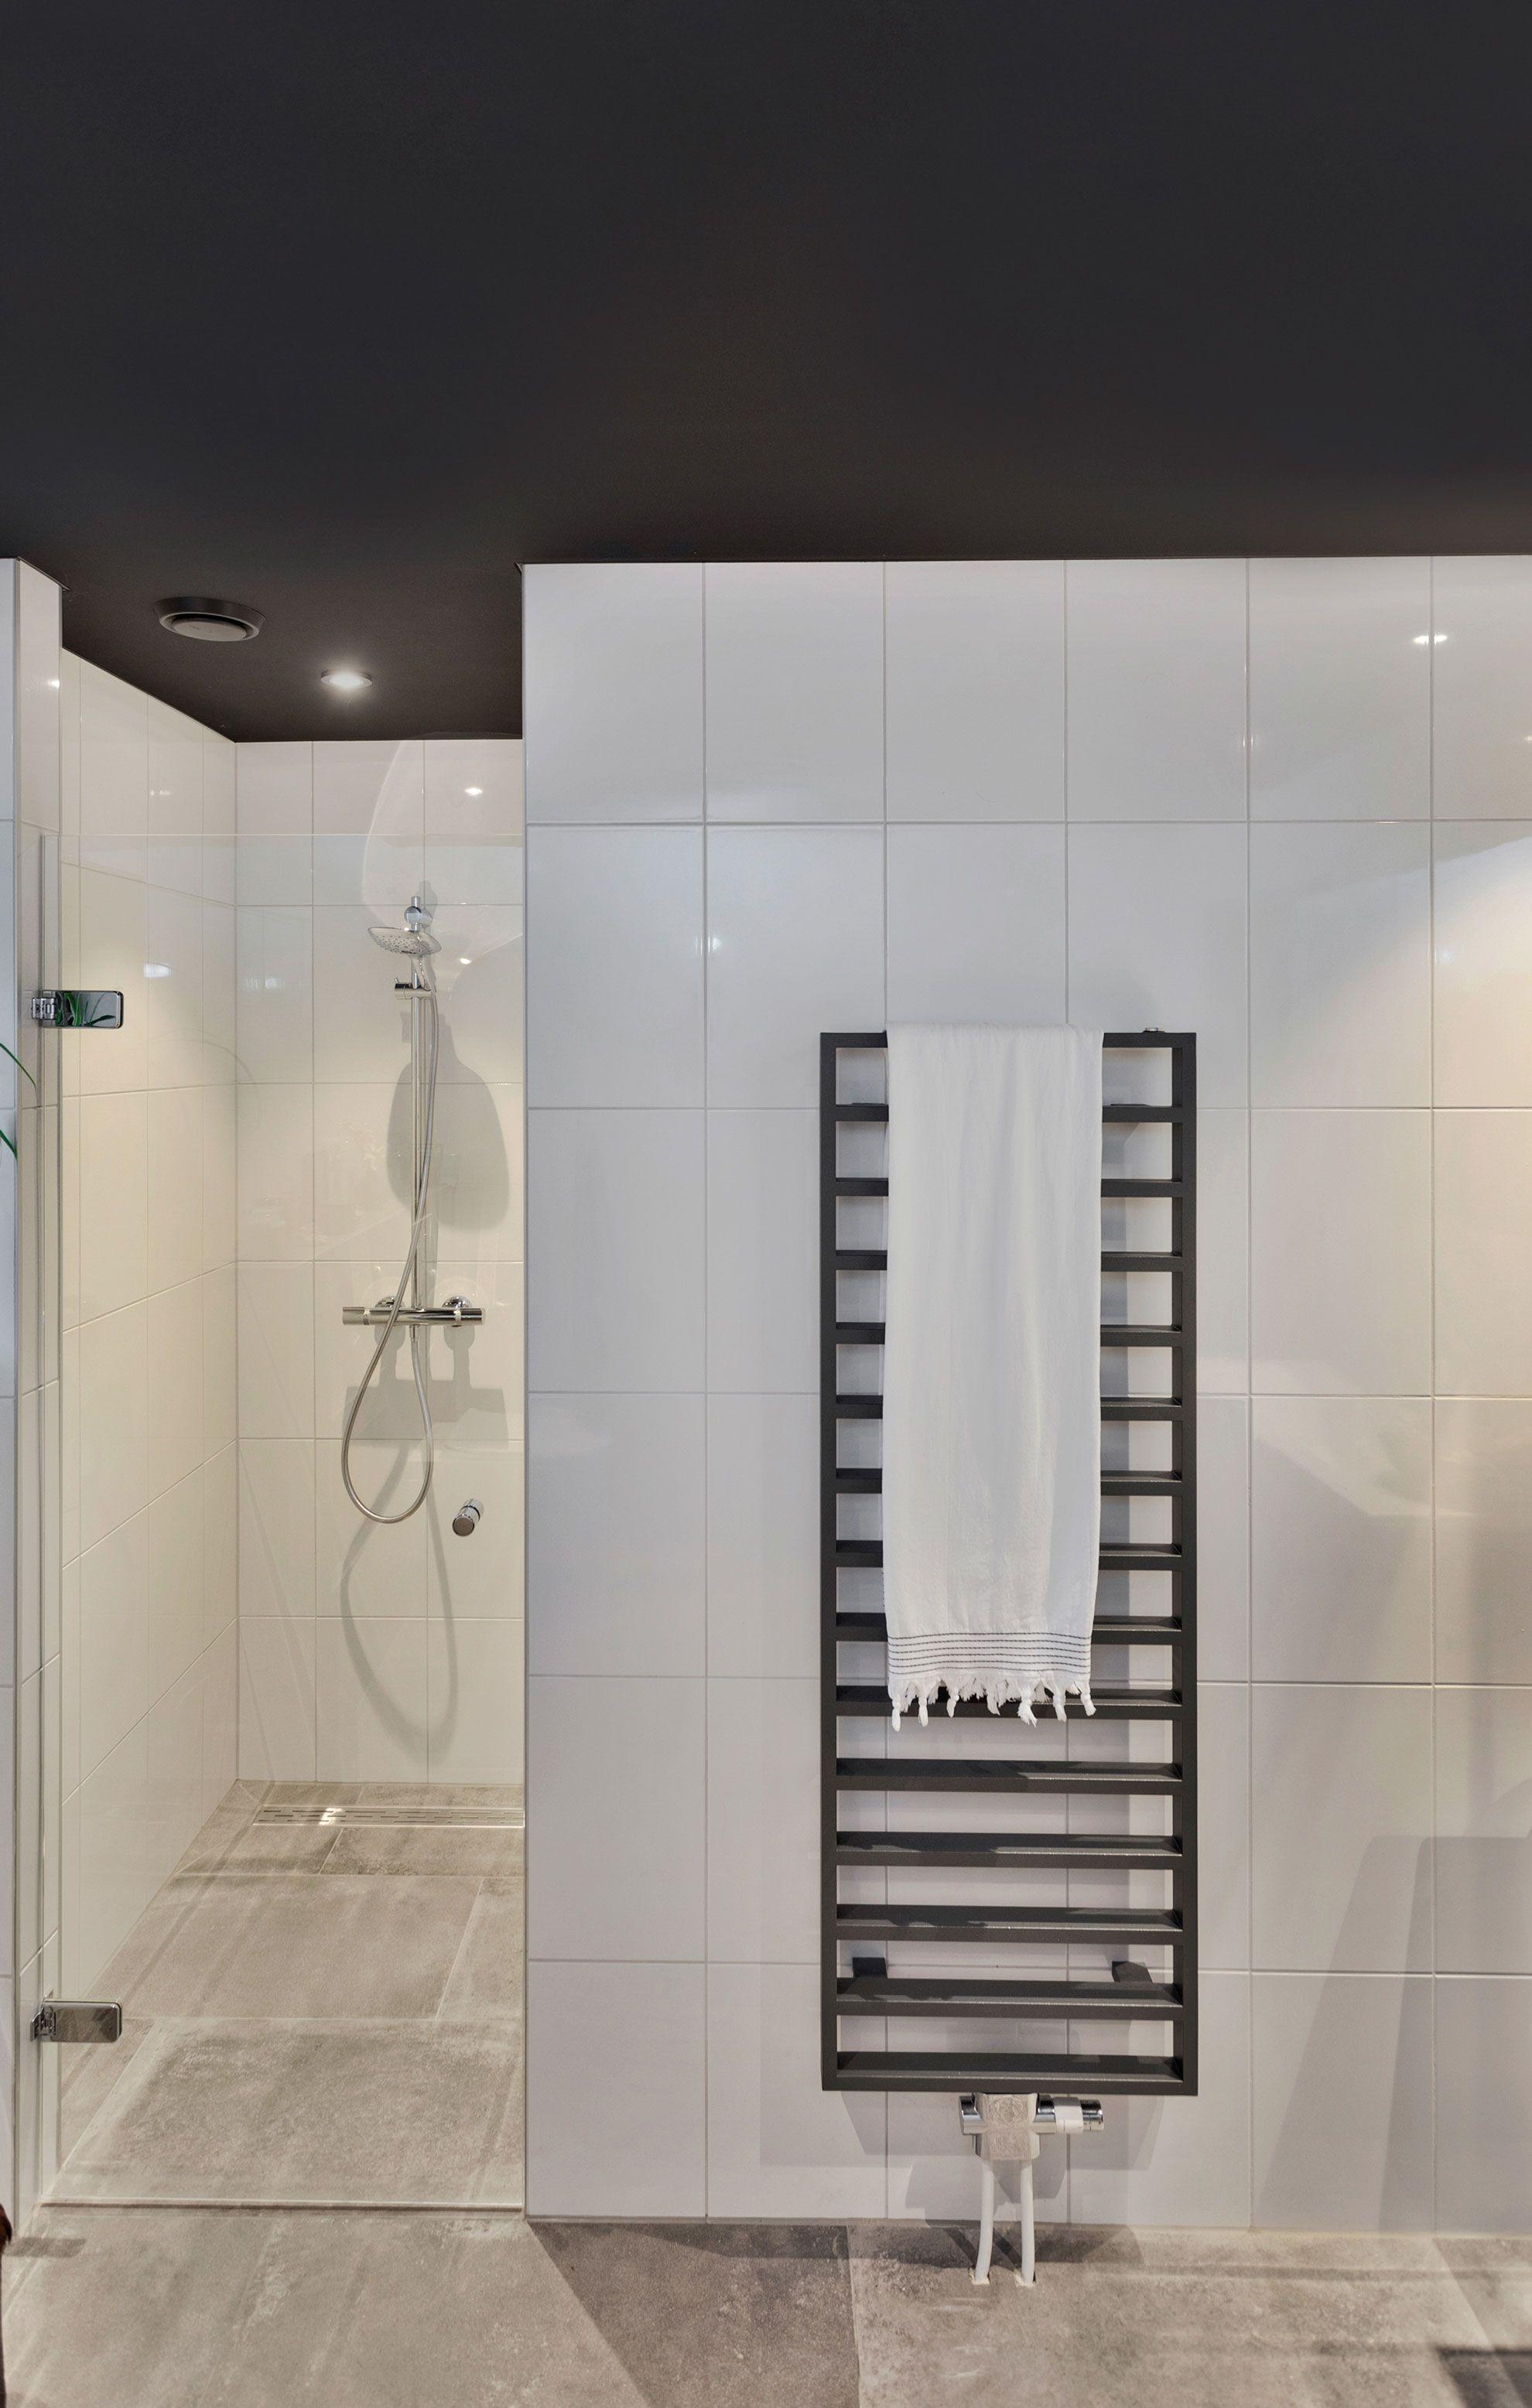 Schwarze Badezimmerdecke Badezimmer Decken Schwarze Decke Badezimmer